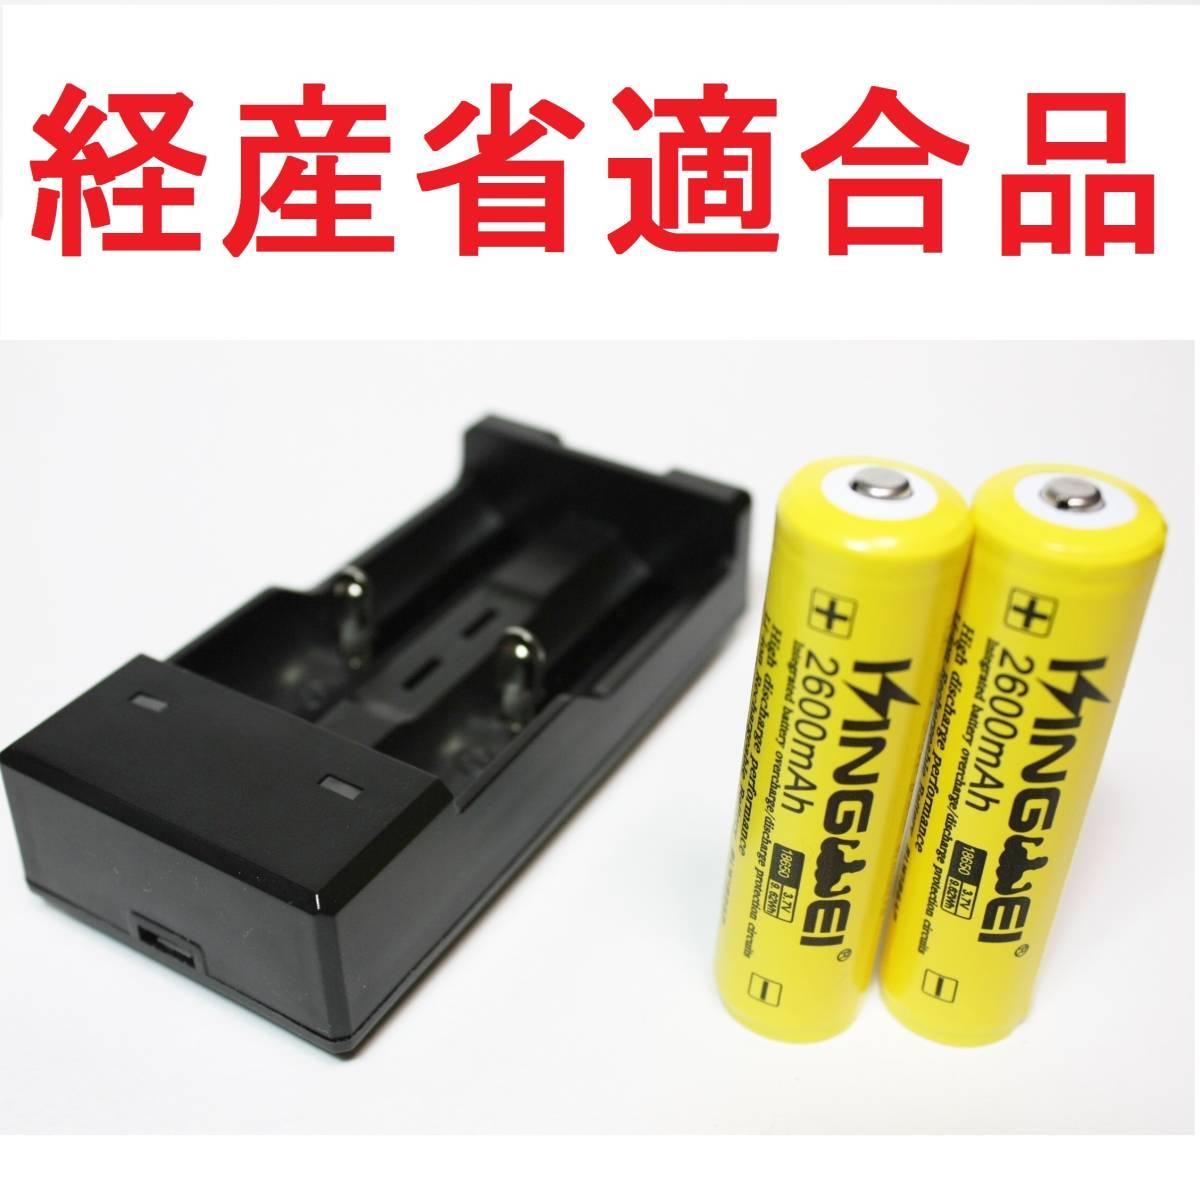 正規容量 18650 経済産業省適合品 リチウムイオン 充電池 2本 + 急速充電器 バッテリー 懐中電灯 ヘッドライト06_画像1